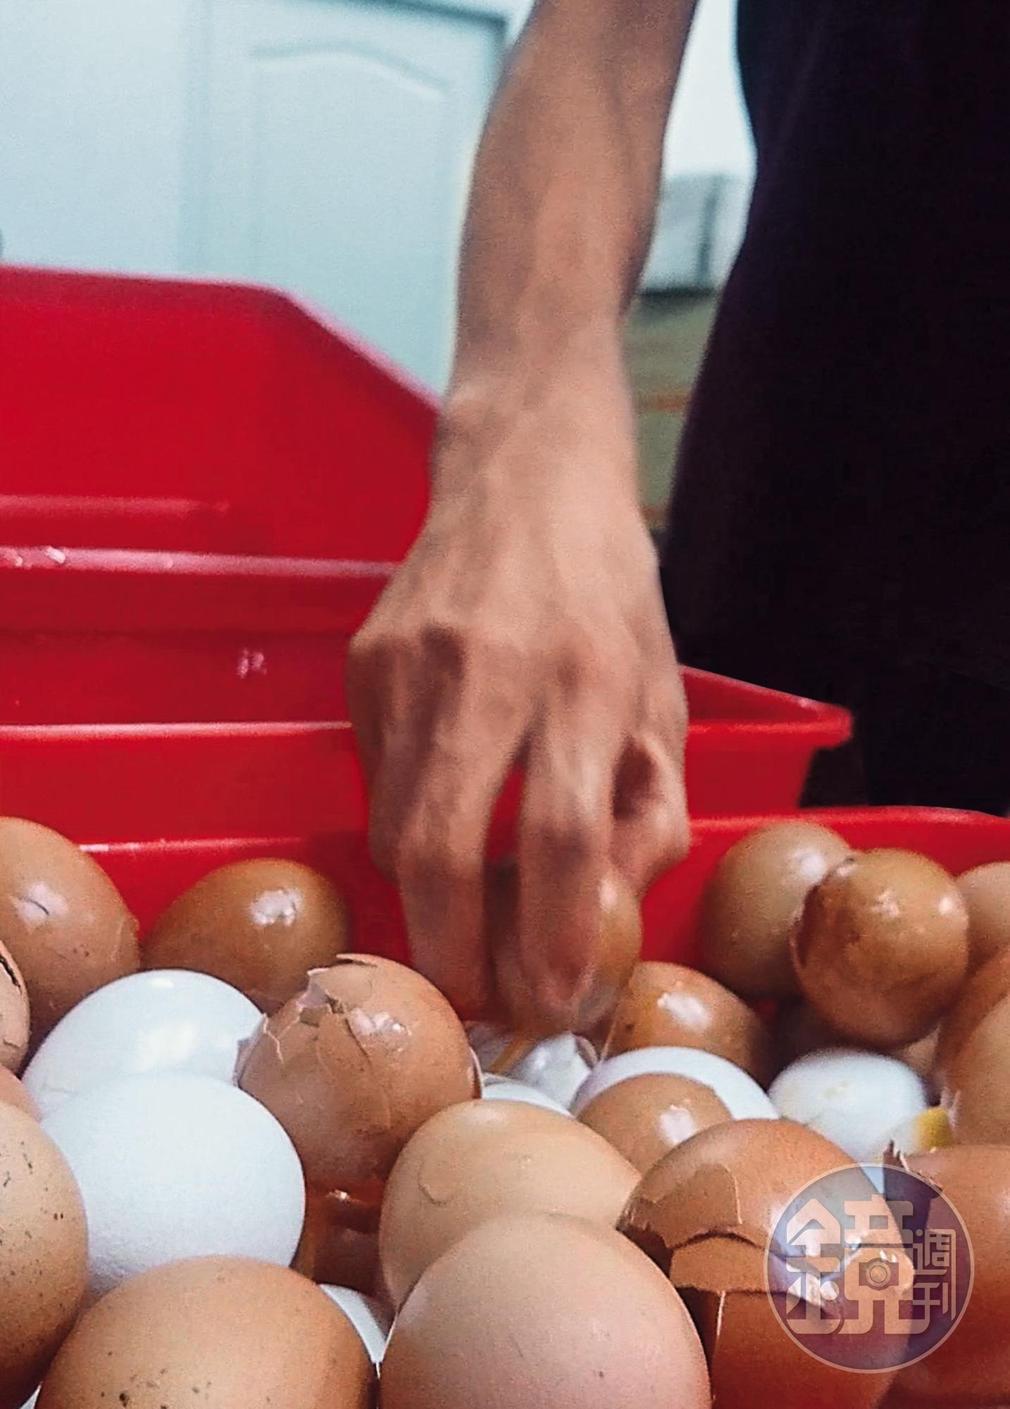 回收破蛋:爆料者提供義進金公司回收破損雞蛋畫面,員工敲破蛋殼加工成液體蛋。